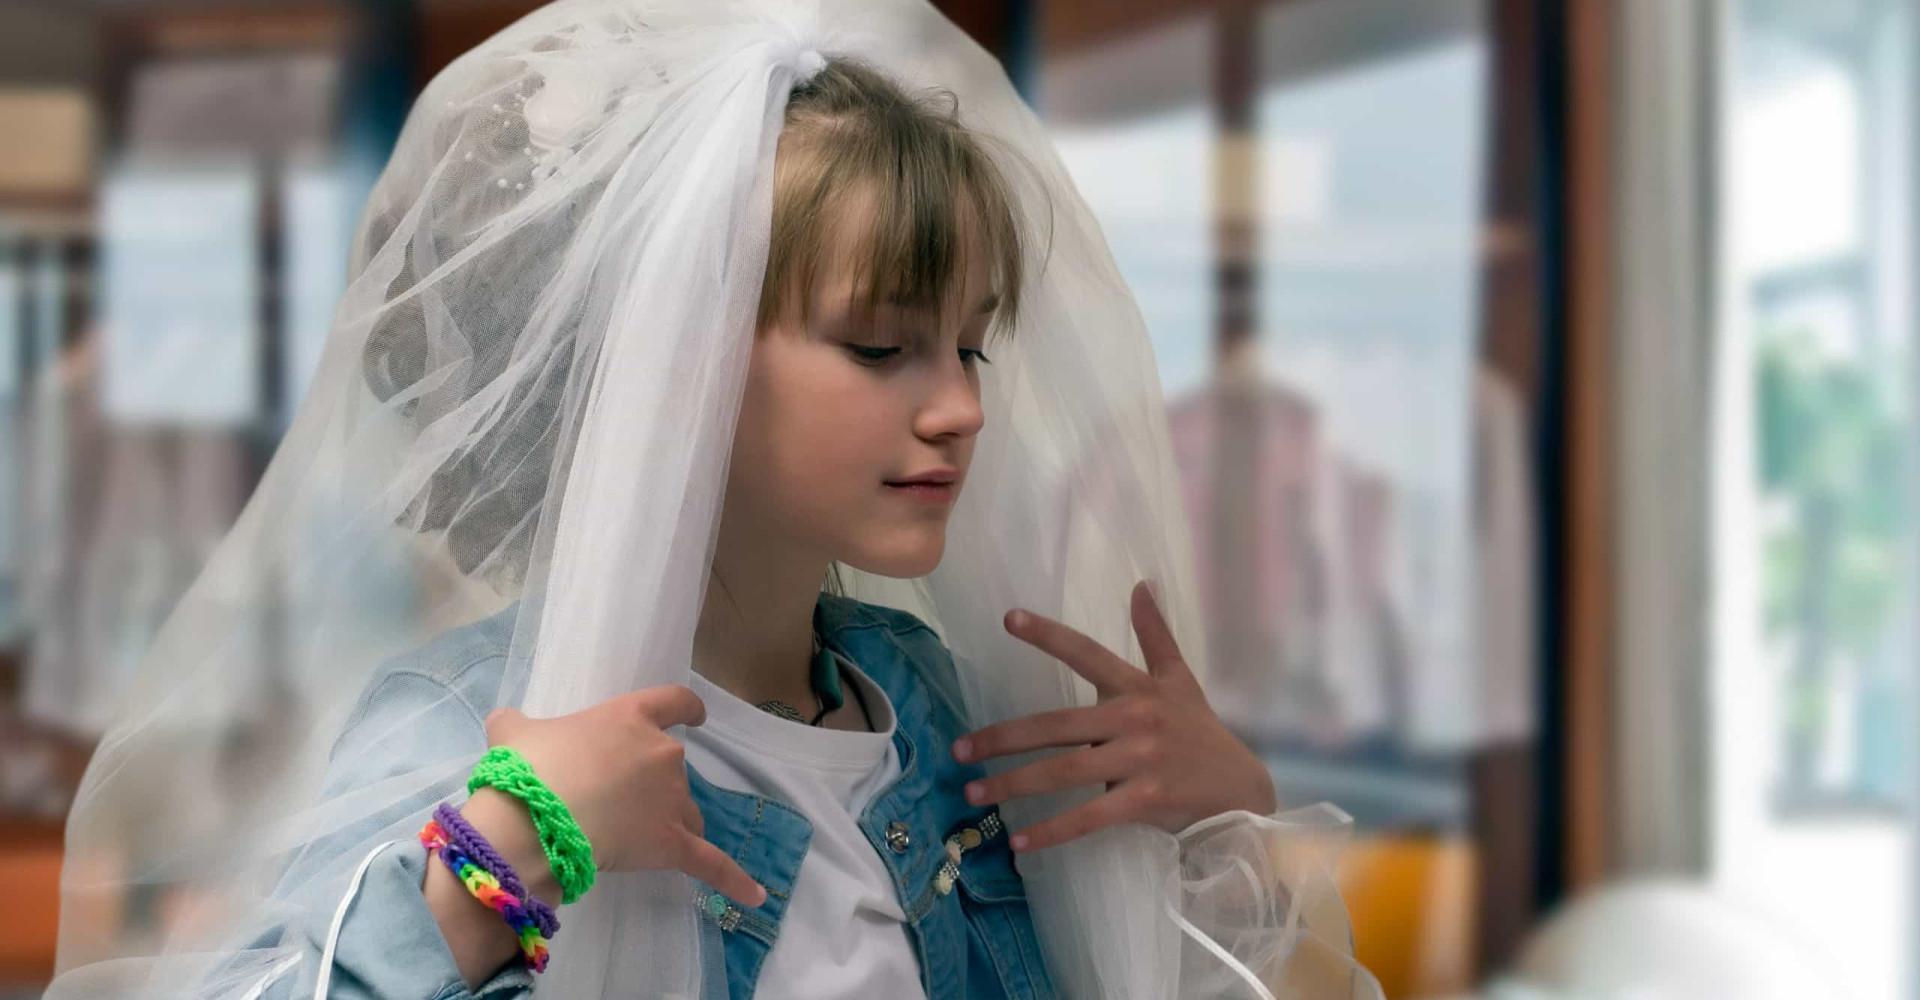 Tiener draagt moeders trouwjurk op schoolfeest